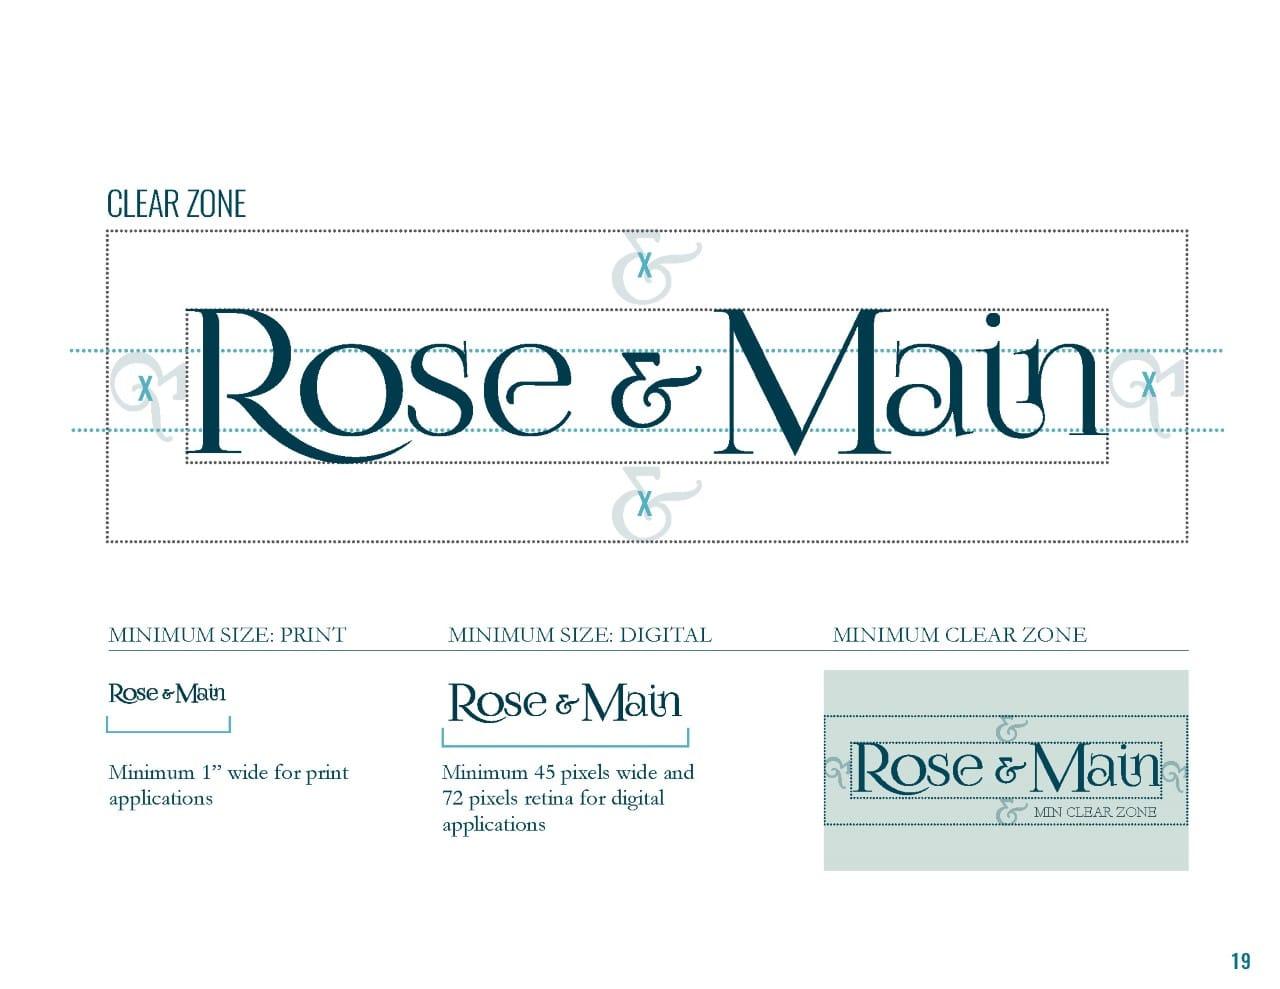 Rose & Main Brand Standards - Place Based Branding Logo